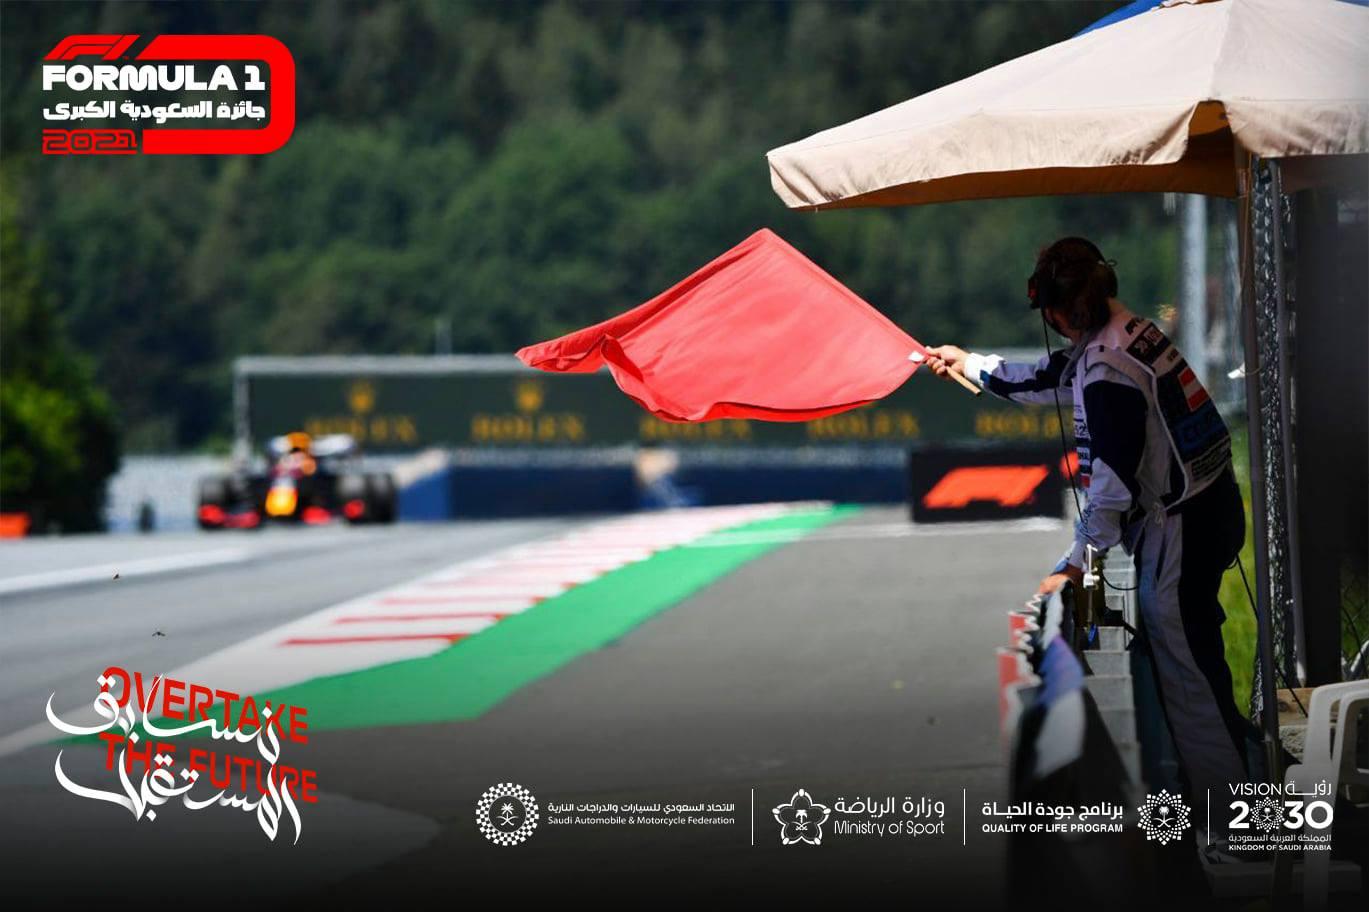 الاتحاد السعودي للسيارات يطلق برنامج تدريب المارشال استعداداً لسباق الجائزة الكبرى للفورمولا 1